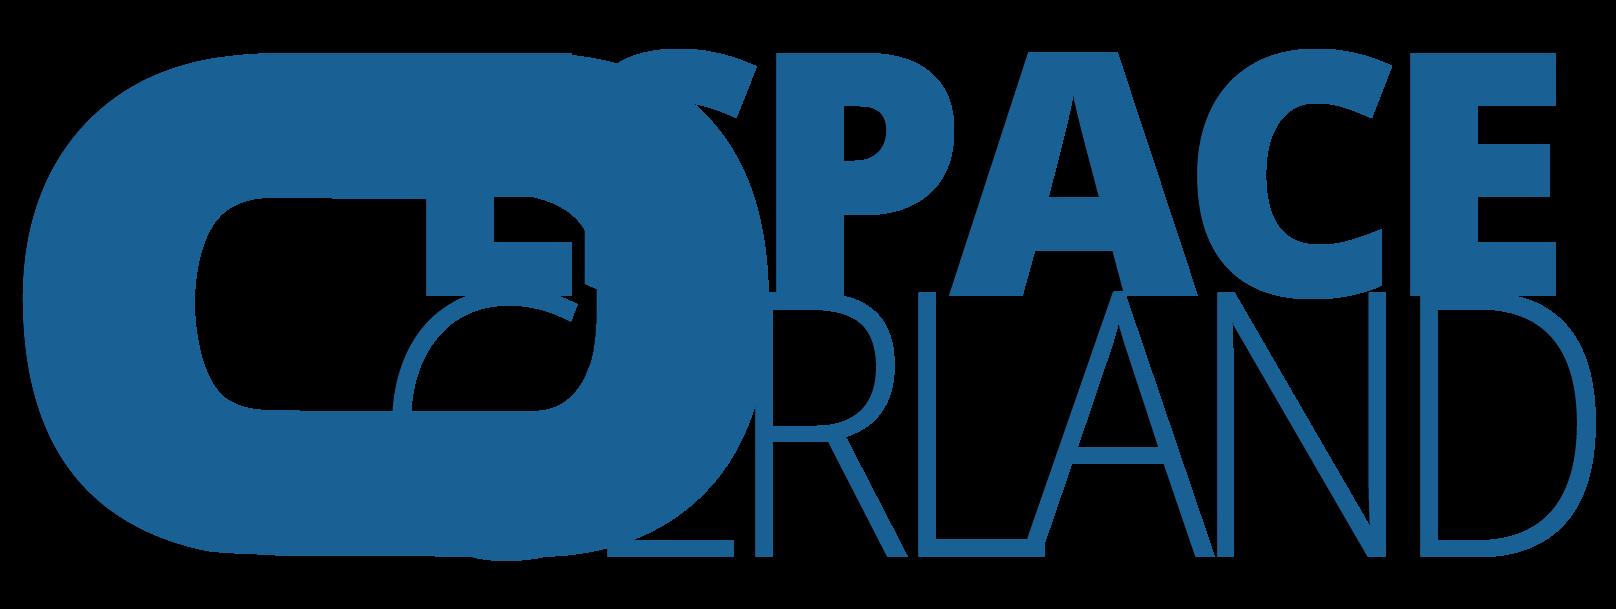 Espace Gerland – Location de salles de séminaires à Lyon 7